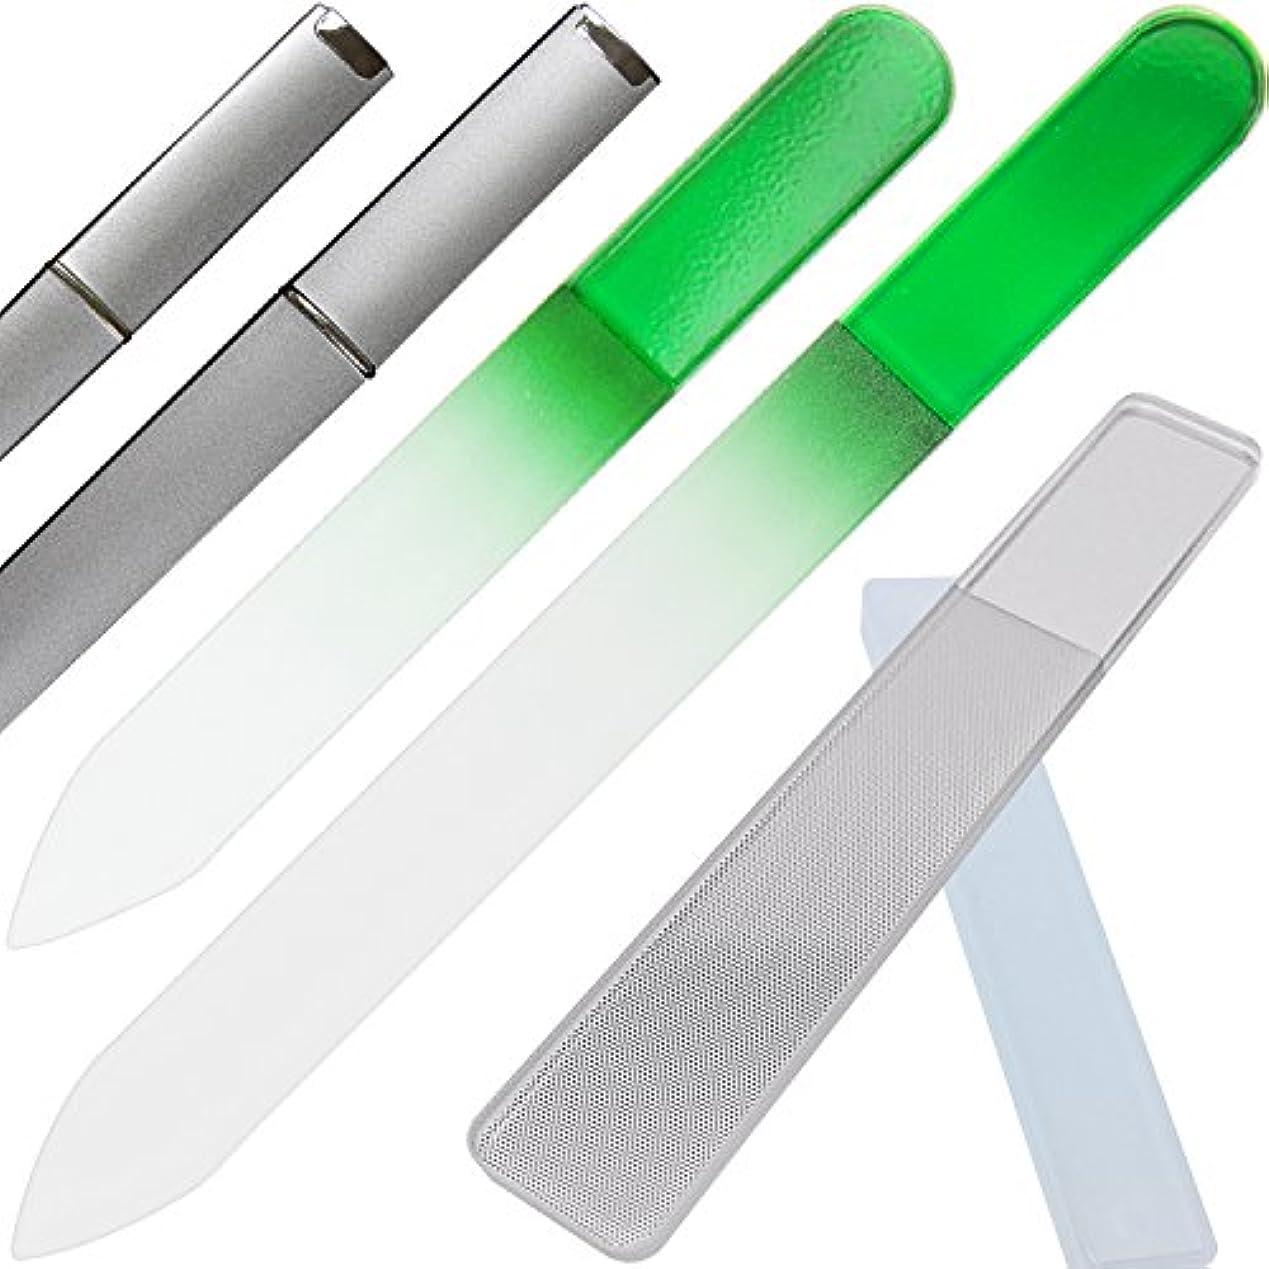 理論通信するタンザニアClarente 爪やすり 爪磨き ガラス製 専用 ケース付 4点セット ネイル ケア